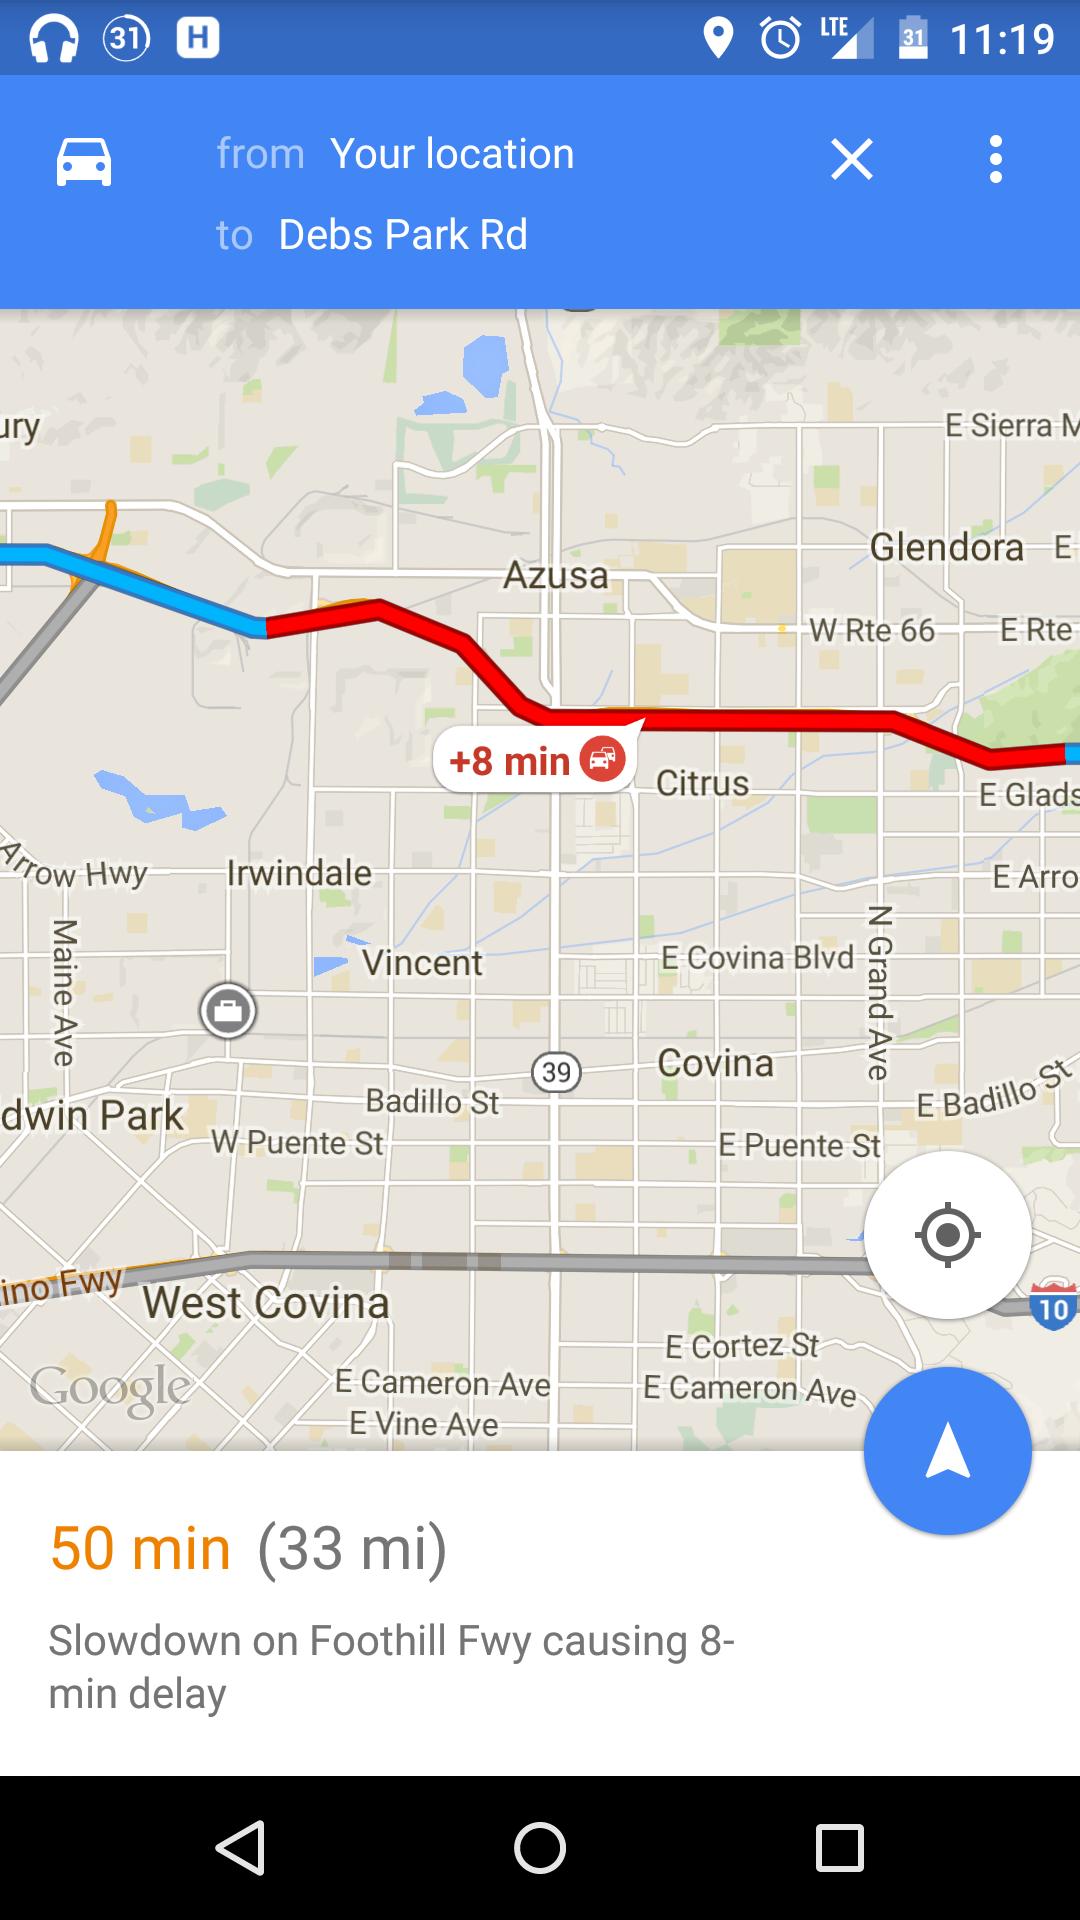 update navigation summary alert too google maps v9 9